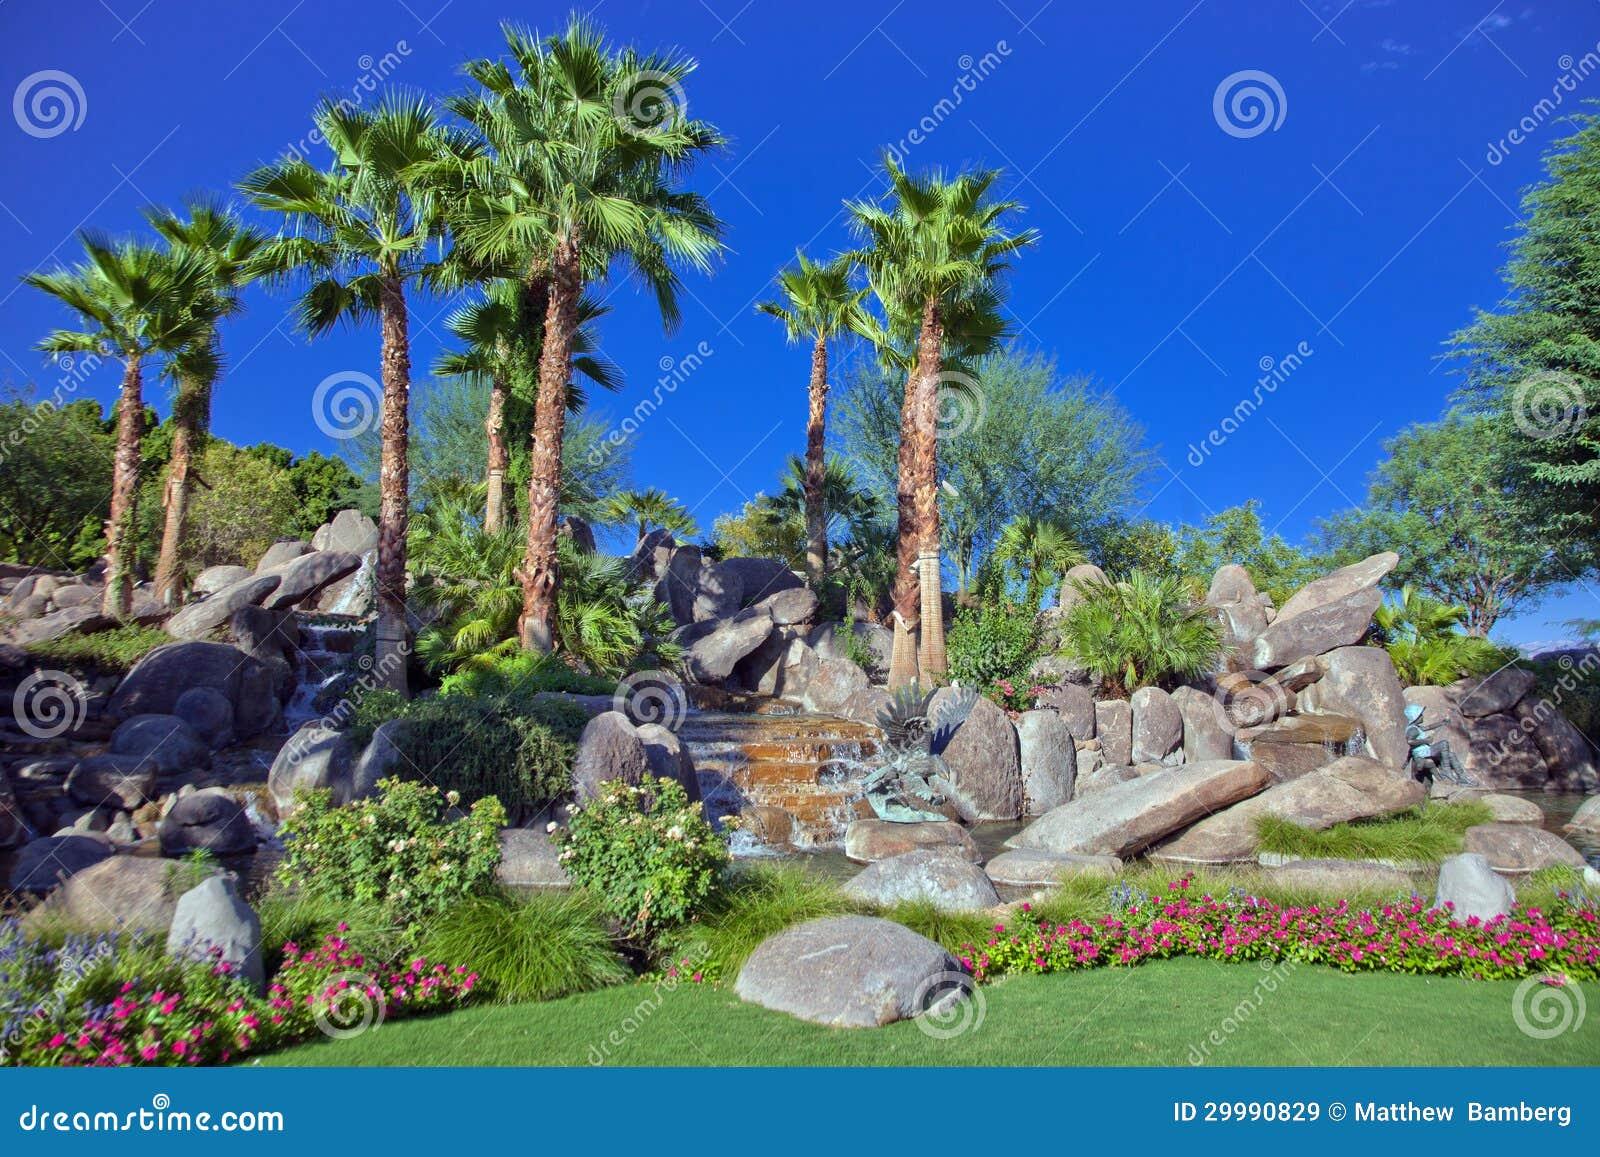 Palm springs del jard n del desierto imagen de archivo for Jardin del desierto